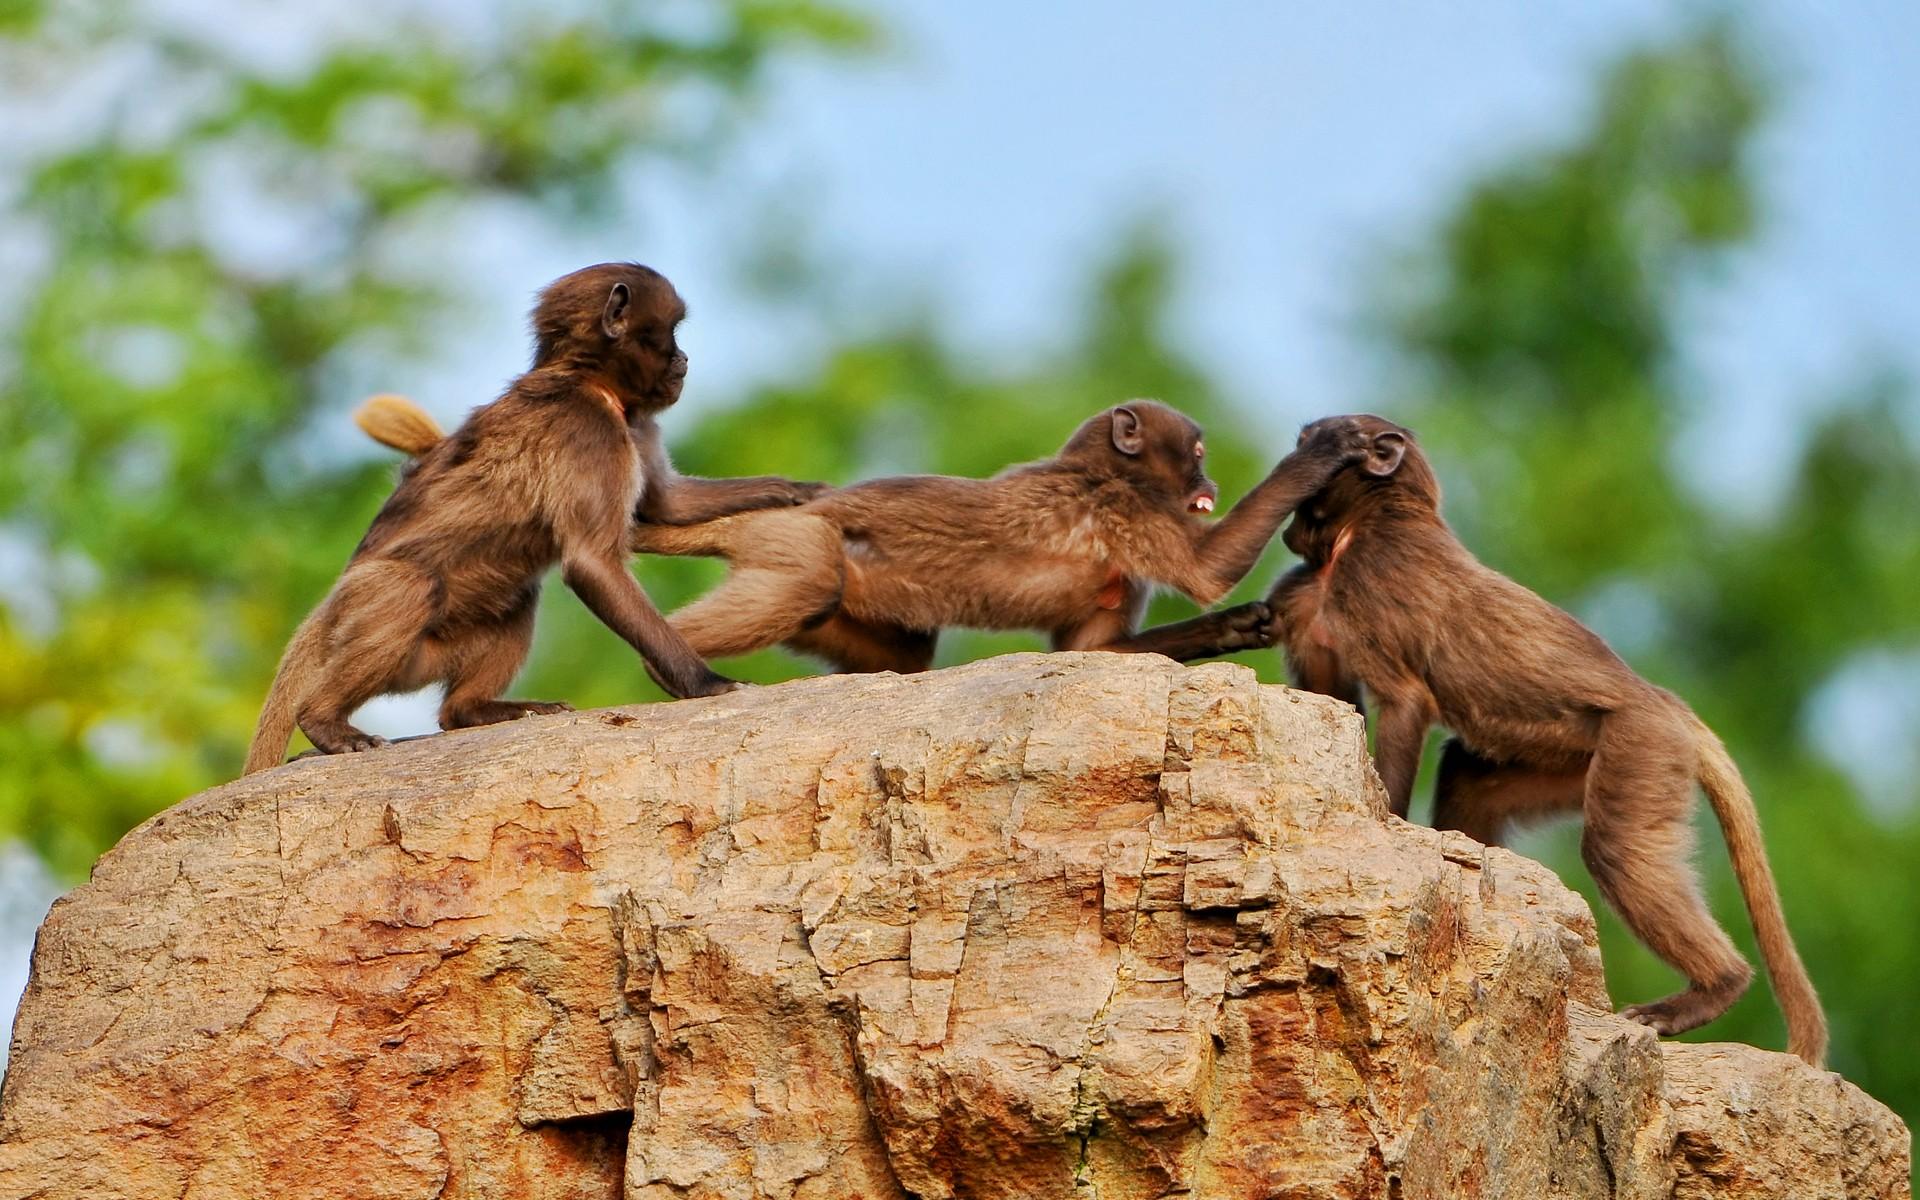 Monos peleando - 1920x1200